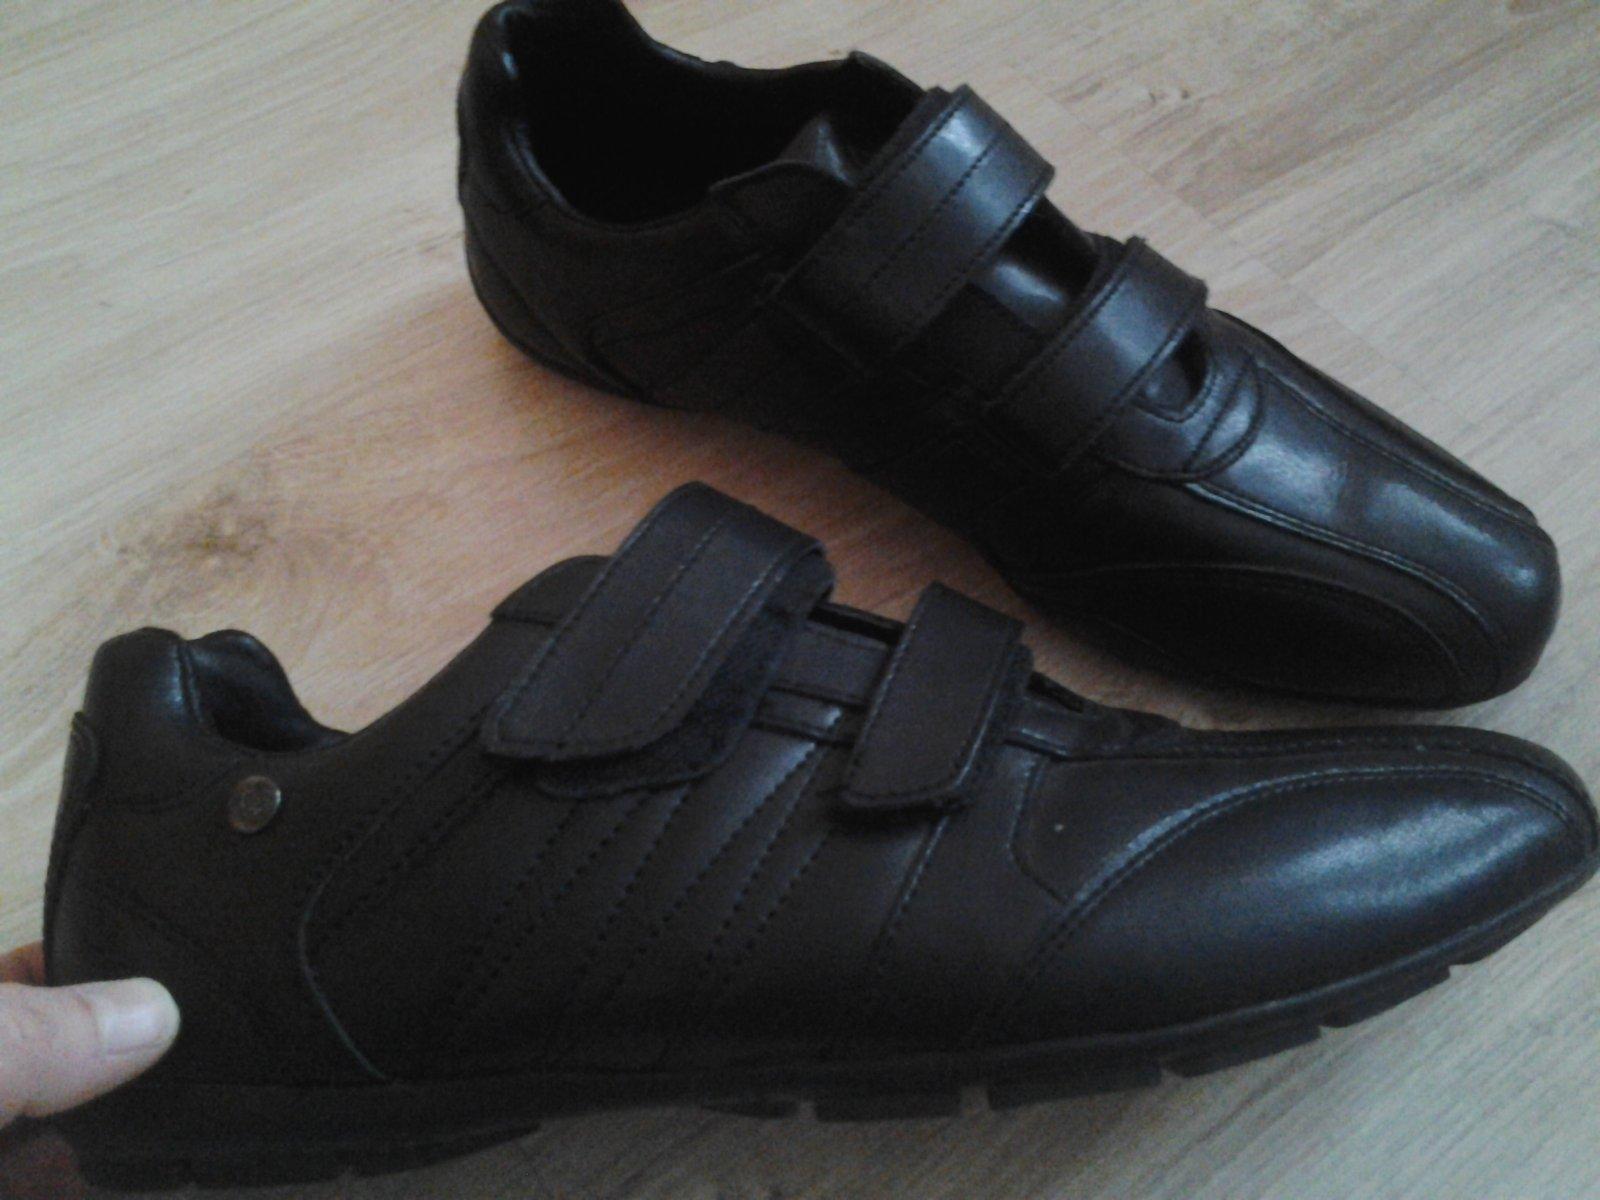 Pánske kožené topánky d28458a1a2a